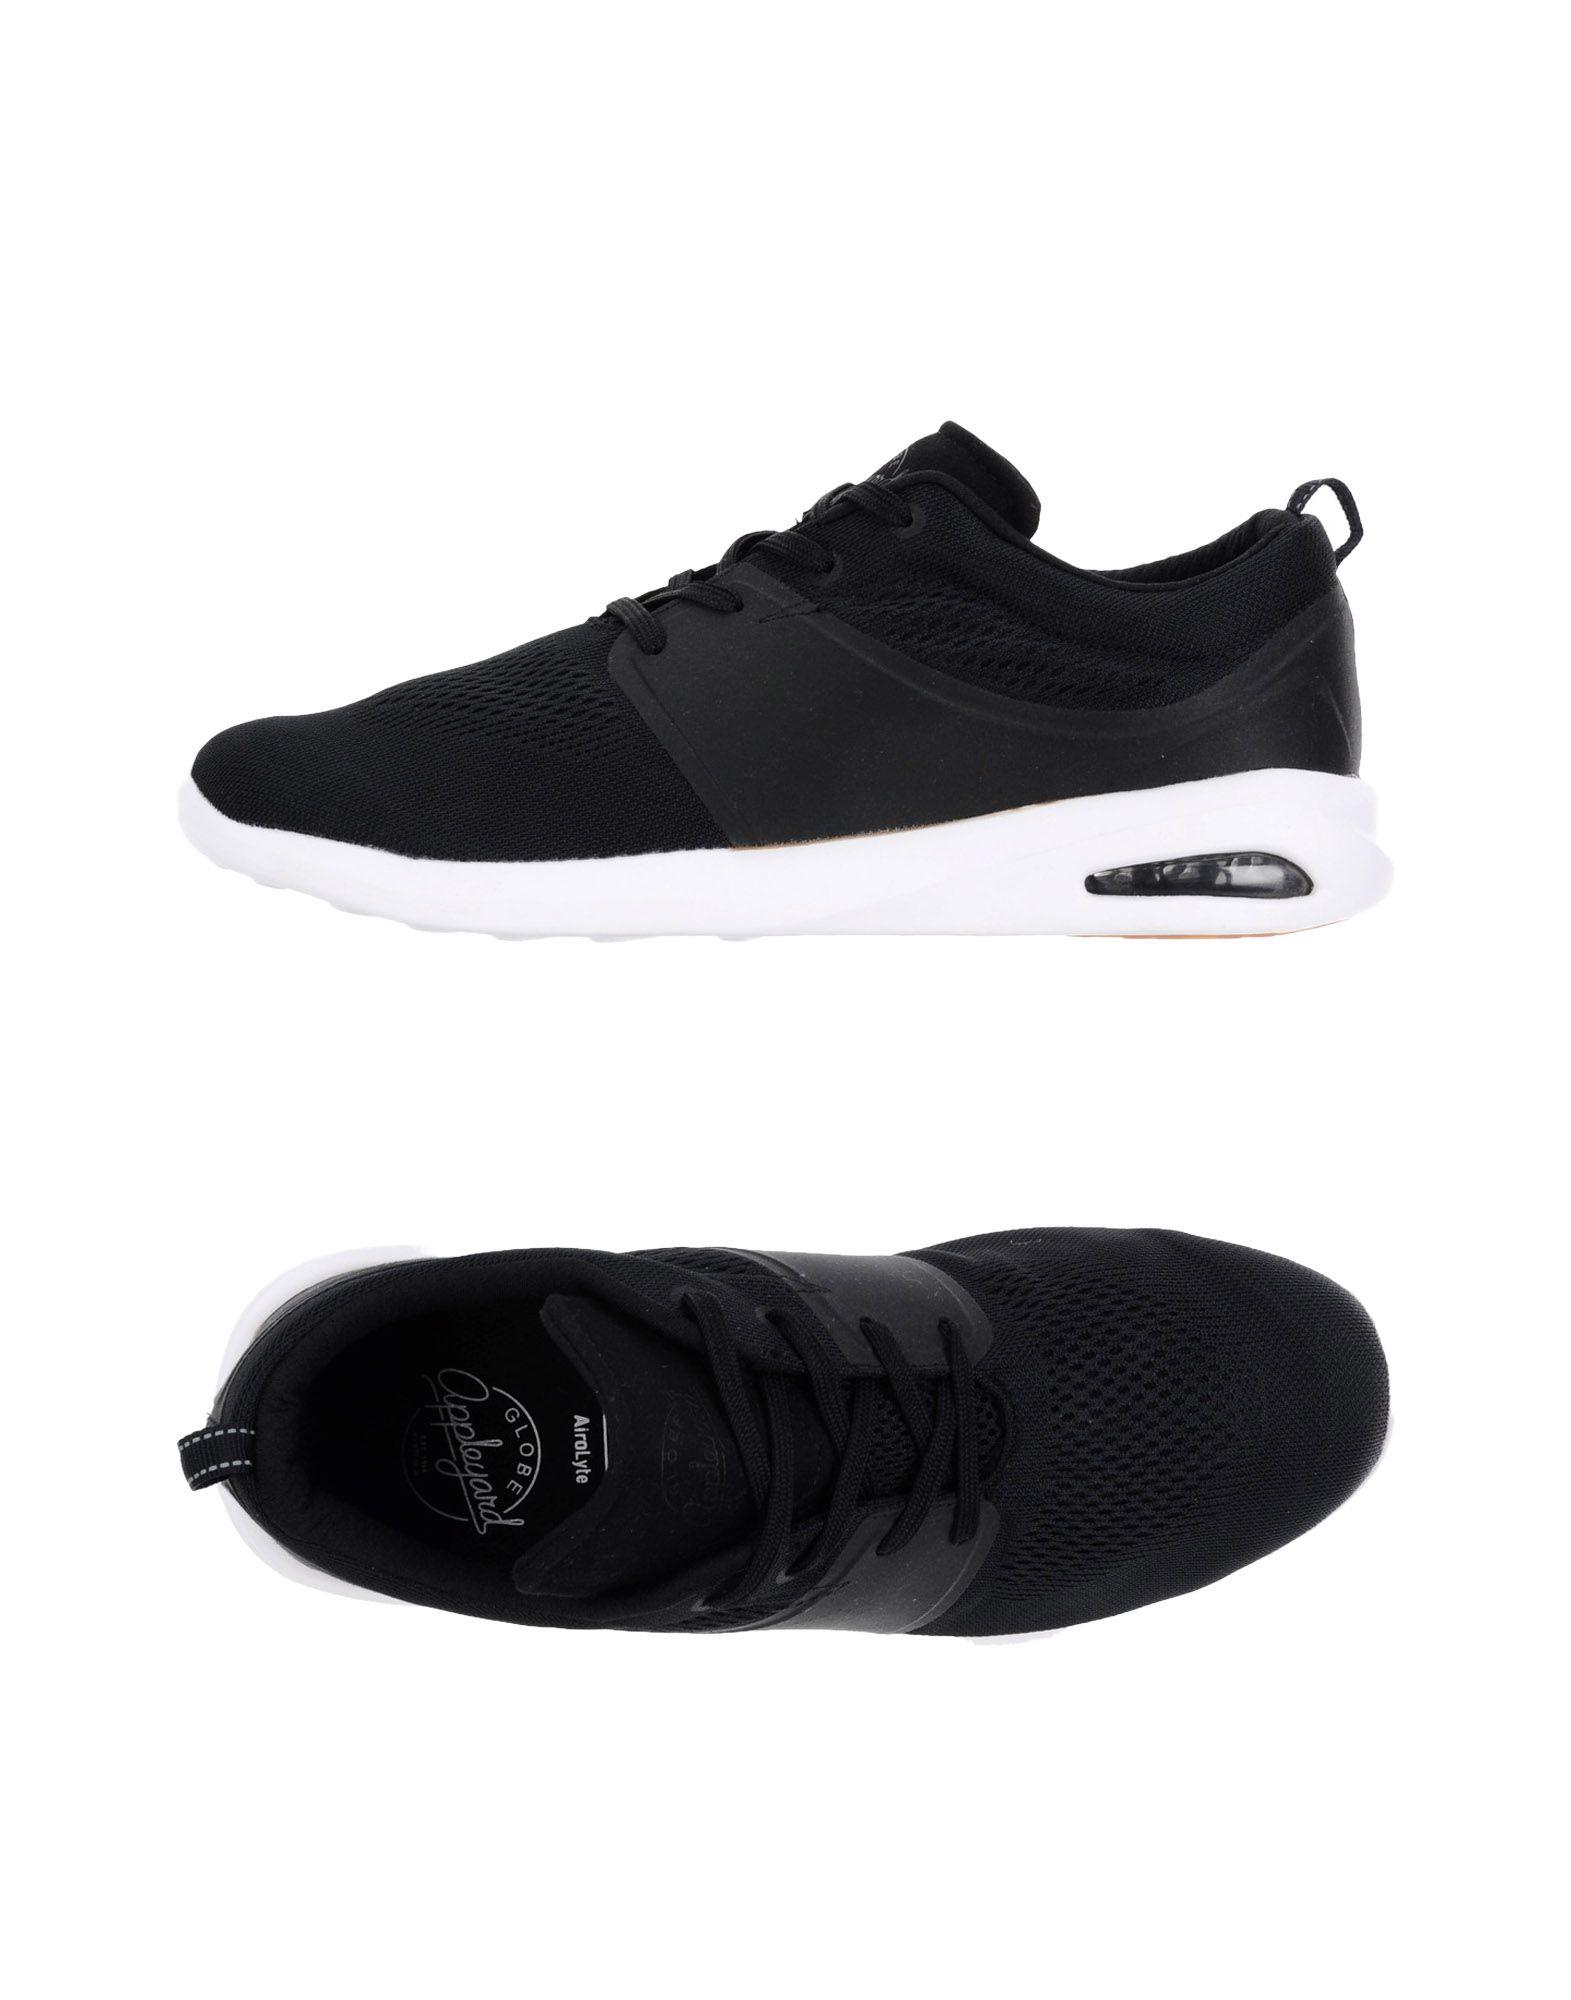 Rabatt echte Schuhe Herren Globe Sneakers Herren Schuhe  11270133BL b1599a